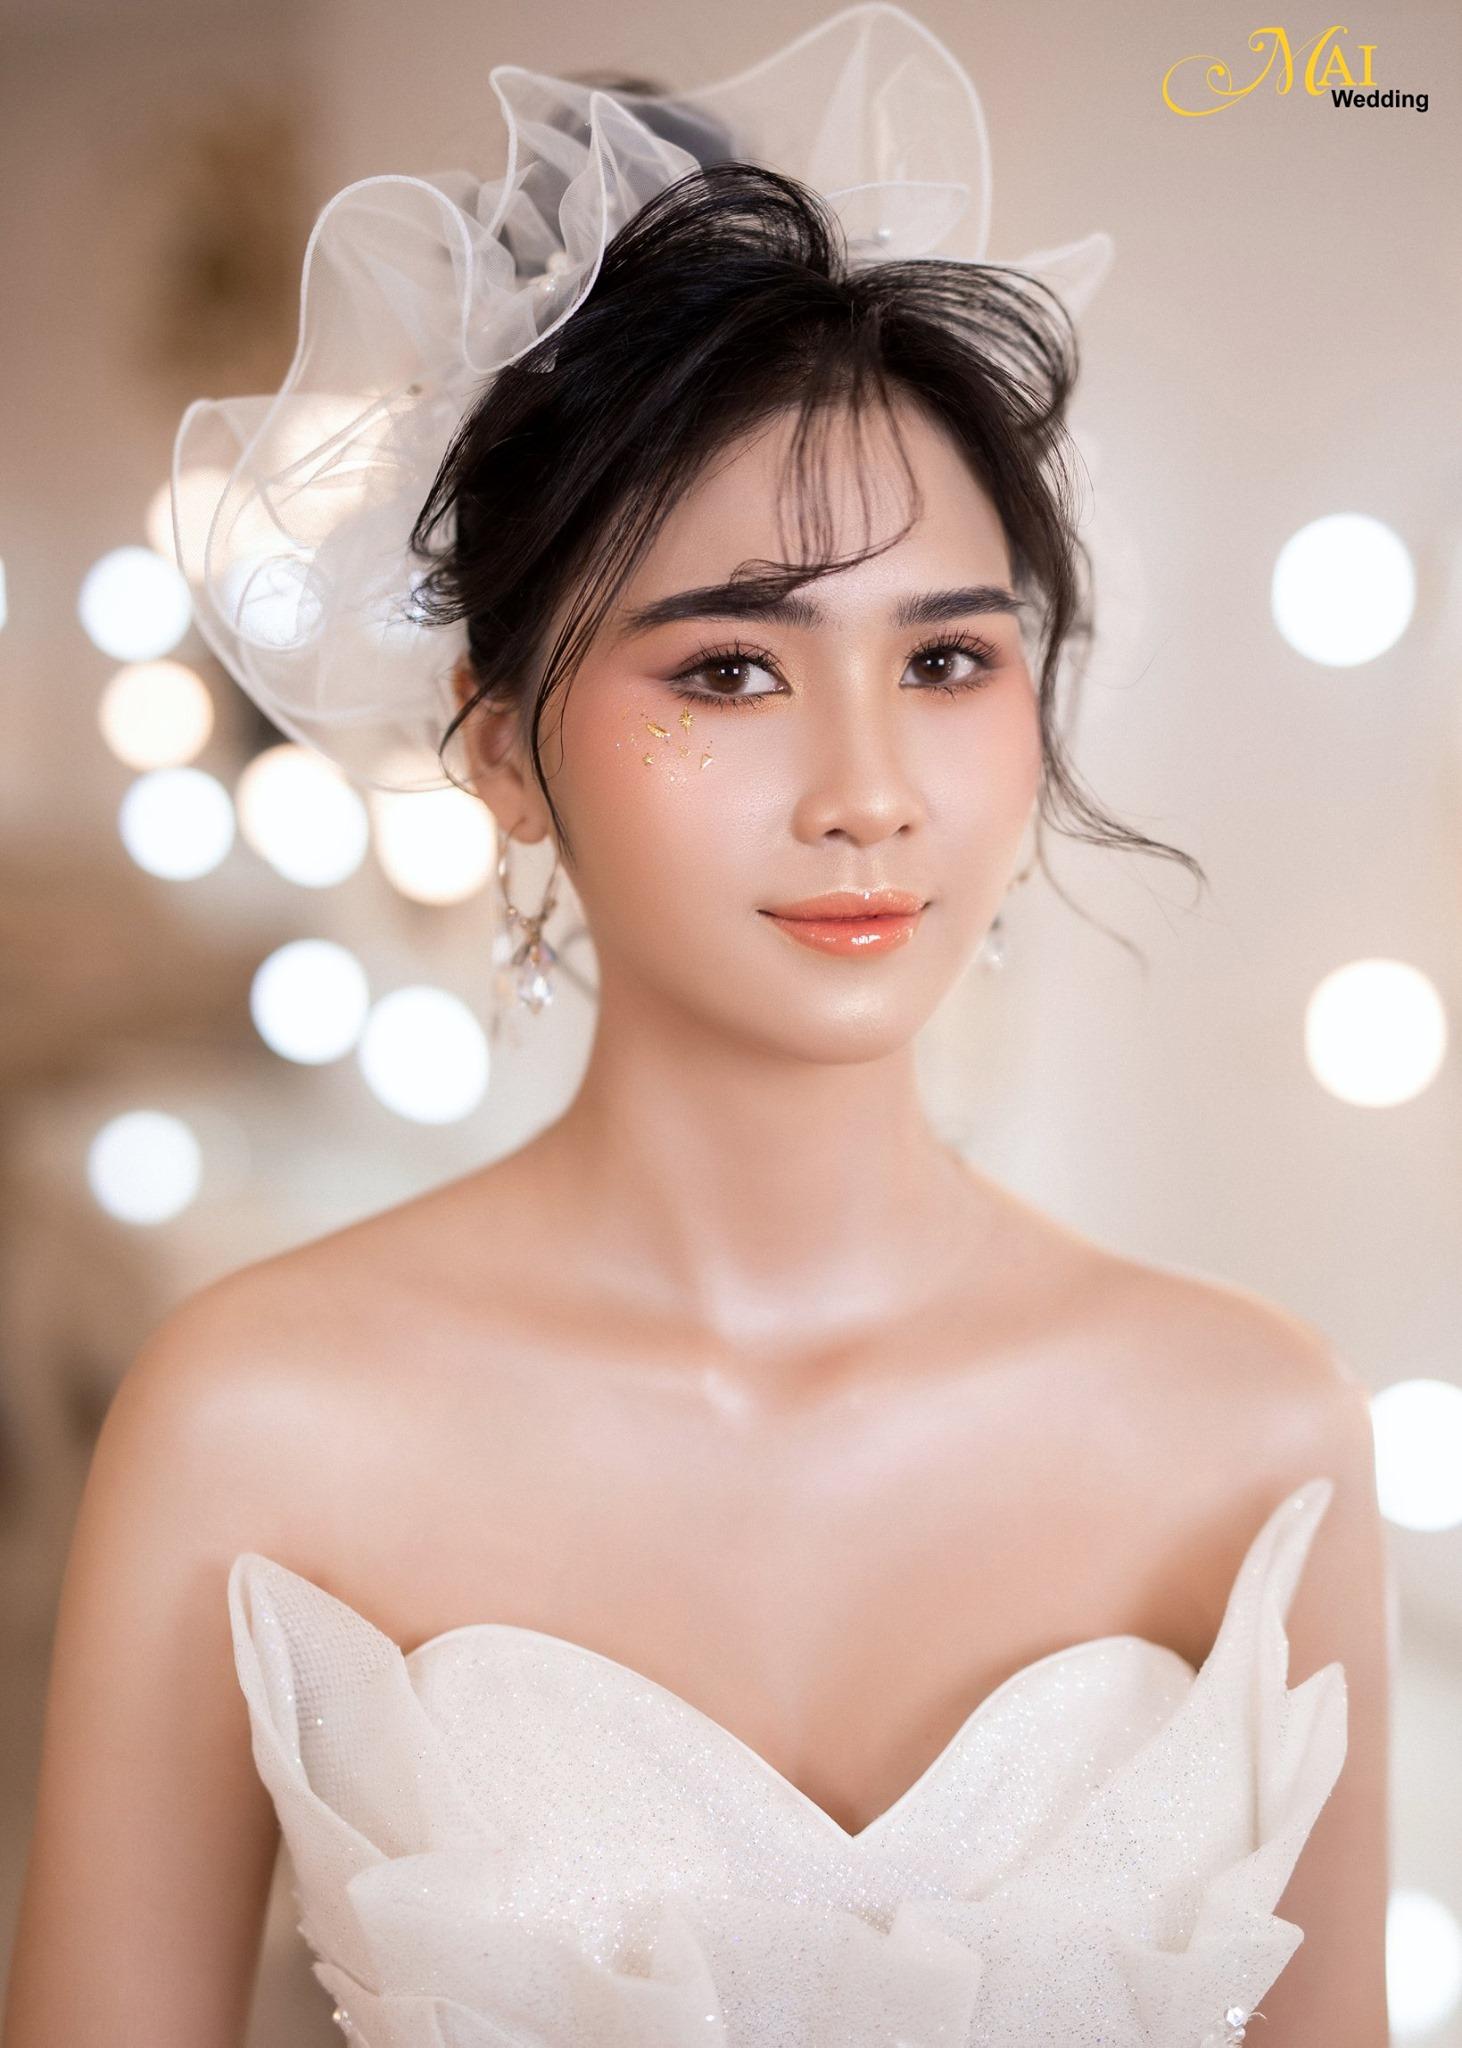 Top 7 tiệm trang điểm cô dâu đẹp nhất tại Đà Nẵng -  Mai Wedding